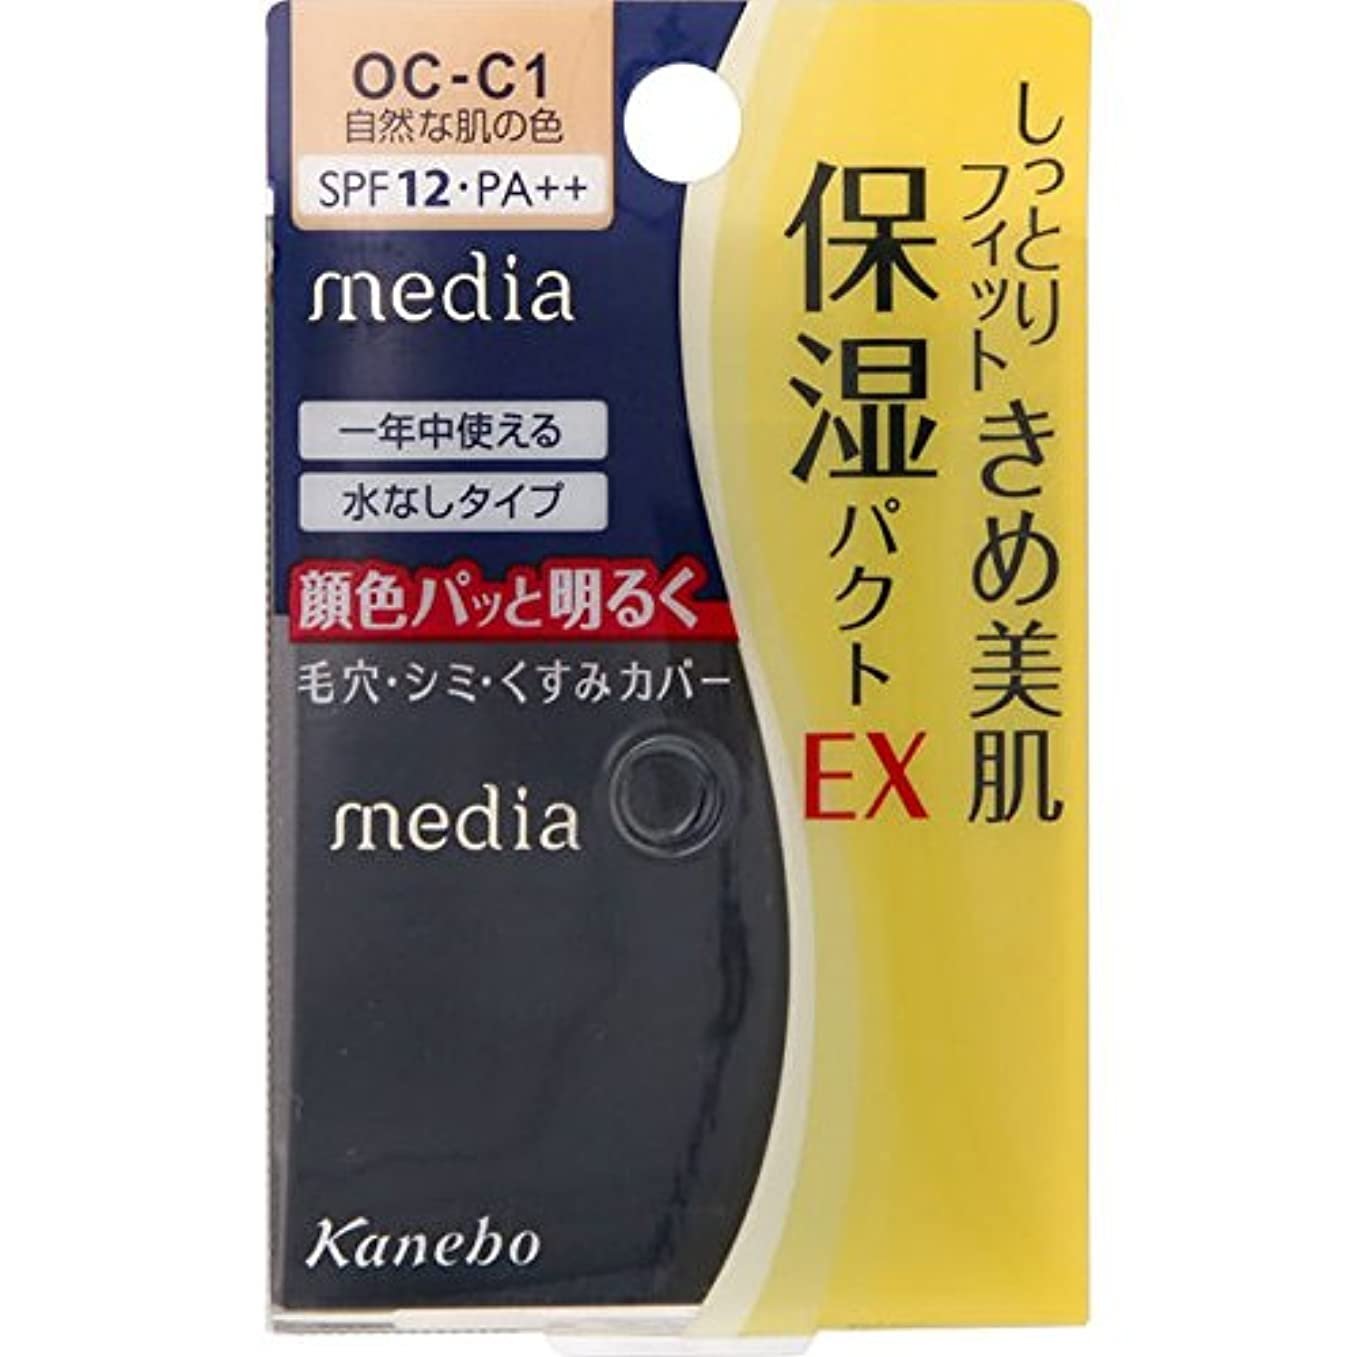 哀れな貸す芽カネボウ メディア モイストフィットパクトEX OC-C1(11g)